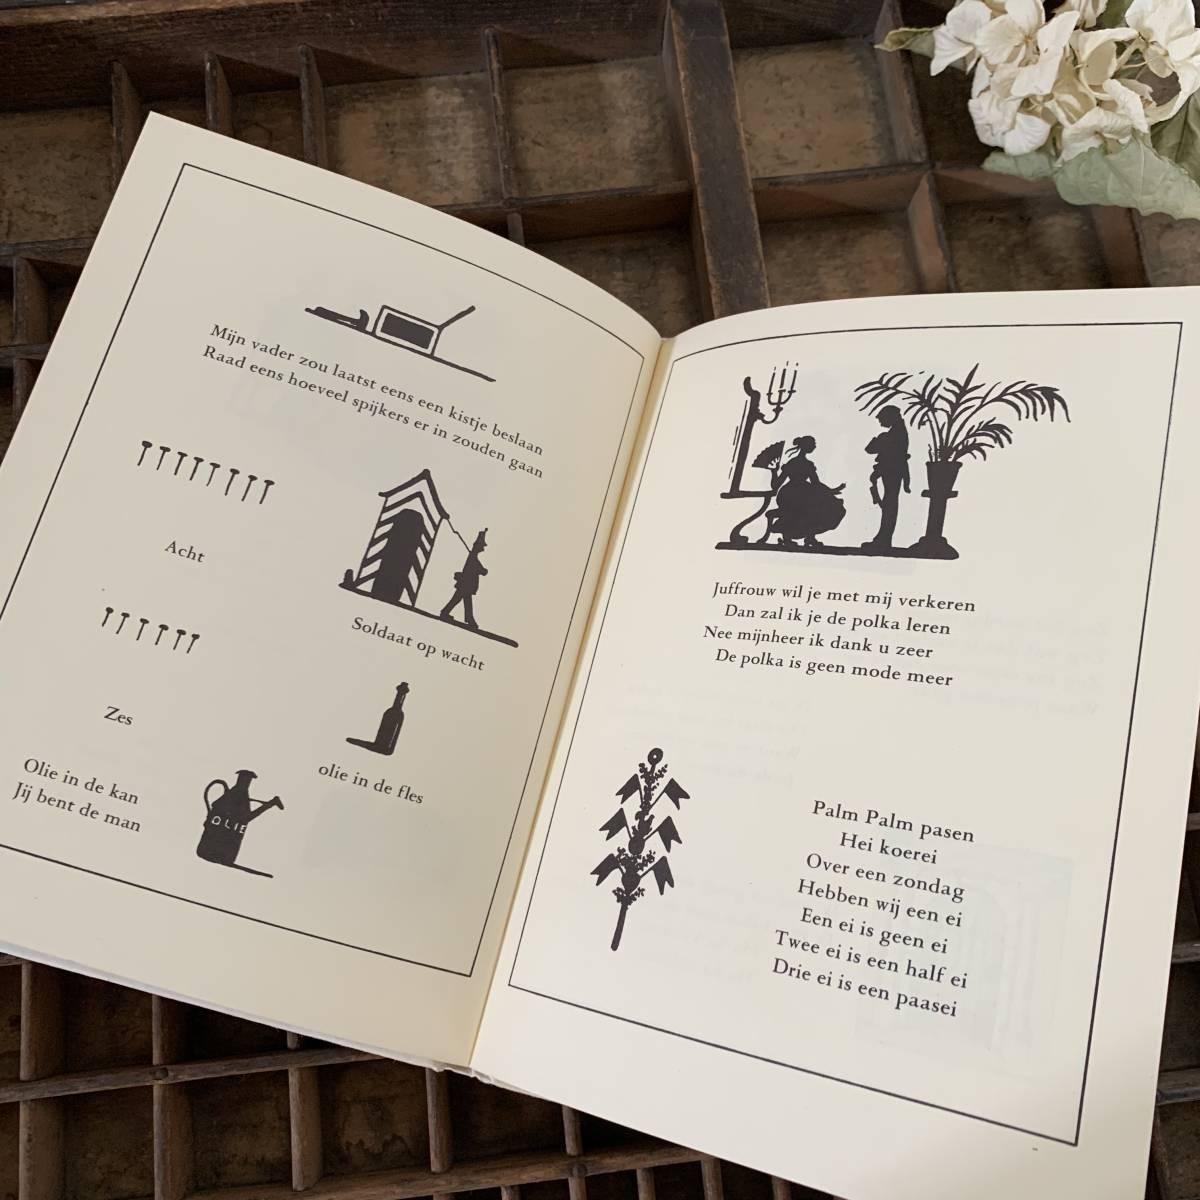 オランダ蚤の市 影絵の本 1979年 ヴィンテージ インテリア シャビー シルエット 絵本 洋書 雑貨 ディスプレイ_画像6